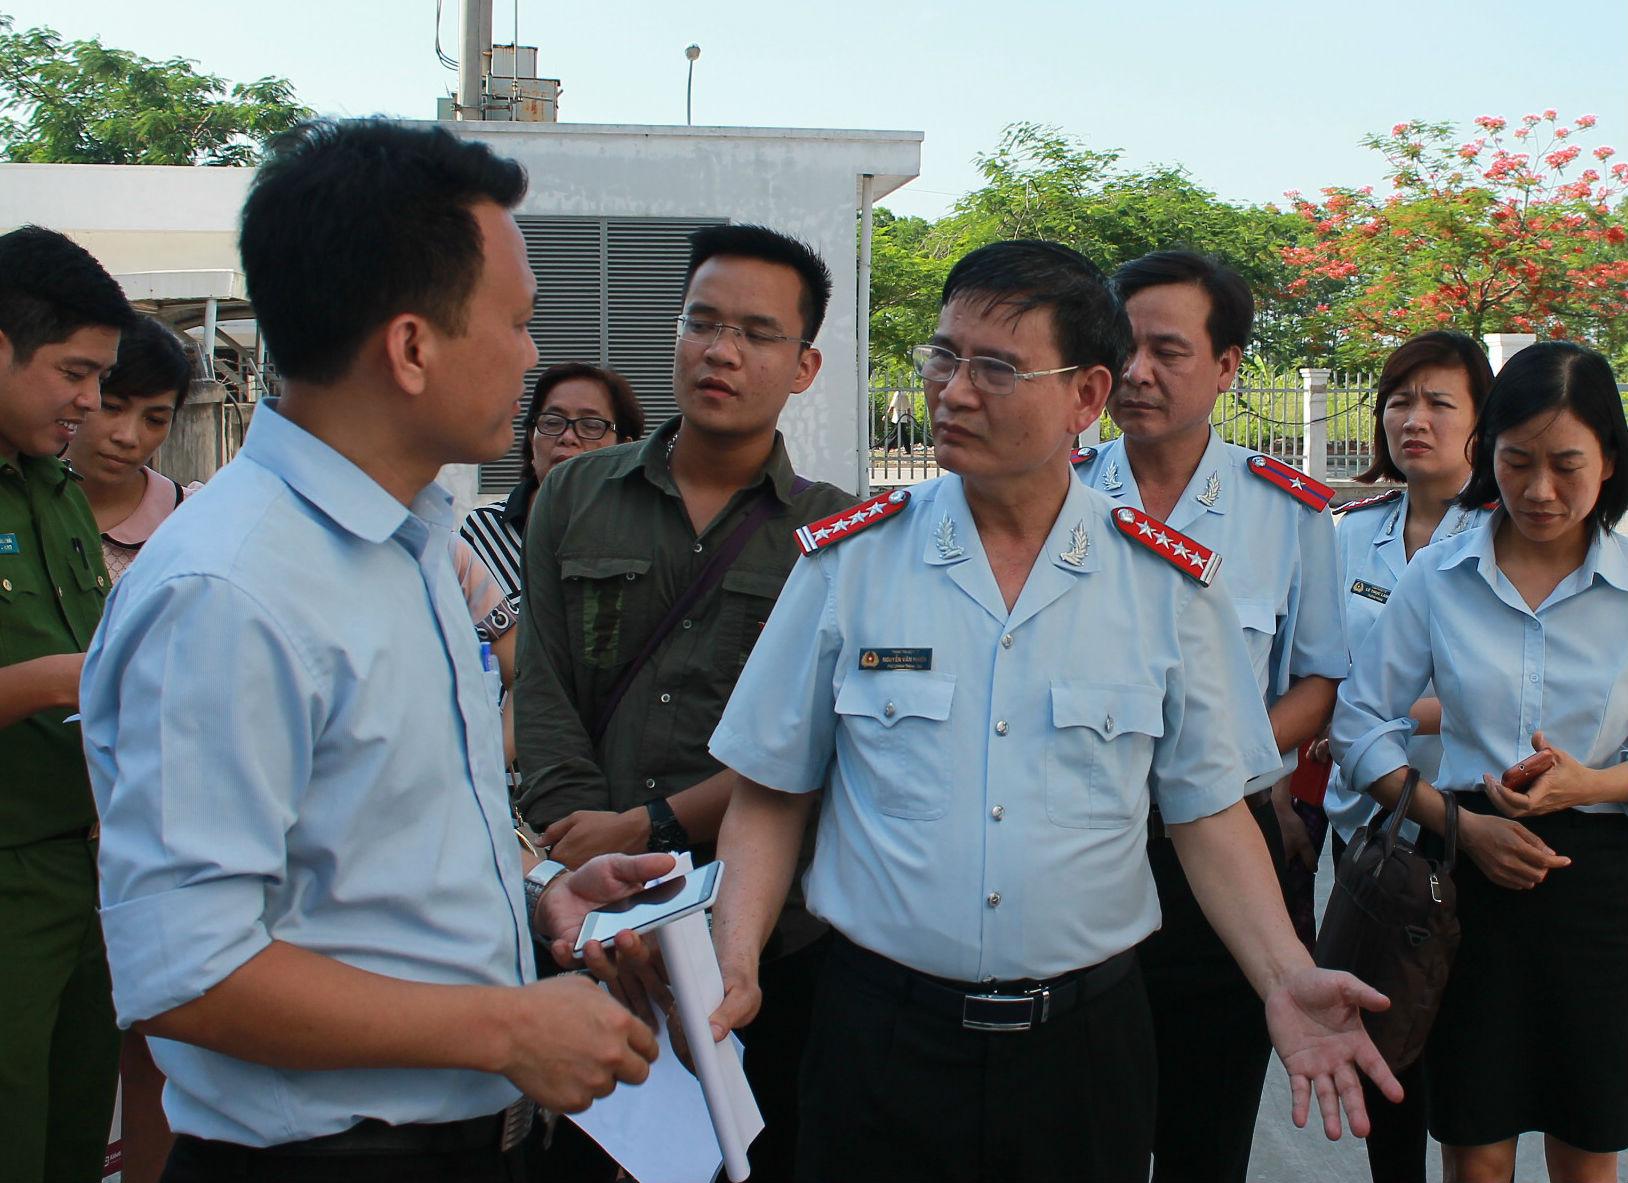 Trưởng đoàn thanh tra vụ C2: URC đã nghiêm túc xử lý, thu hồi sản phẩm - Ảnh 1